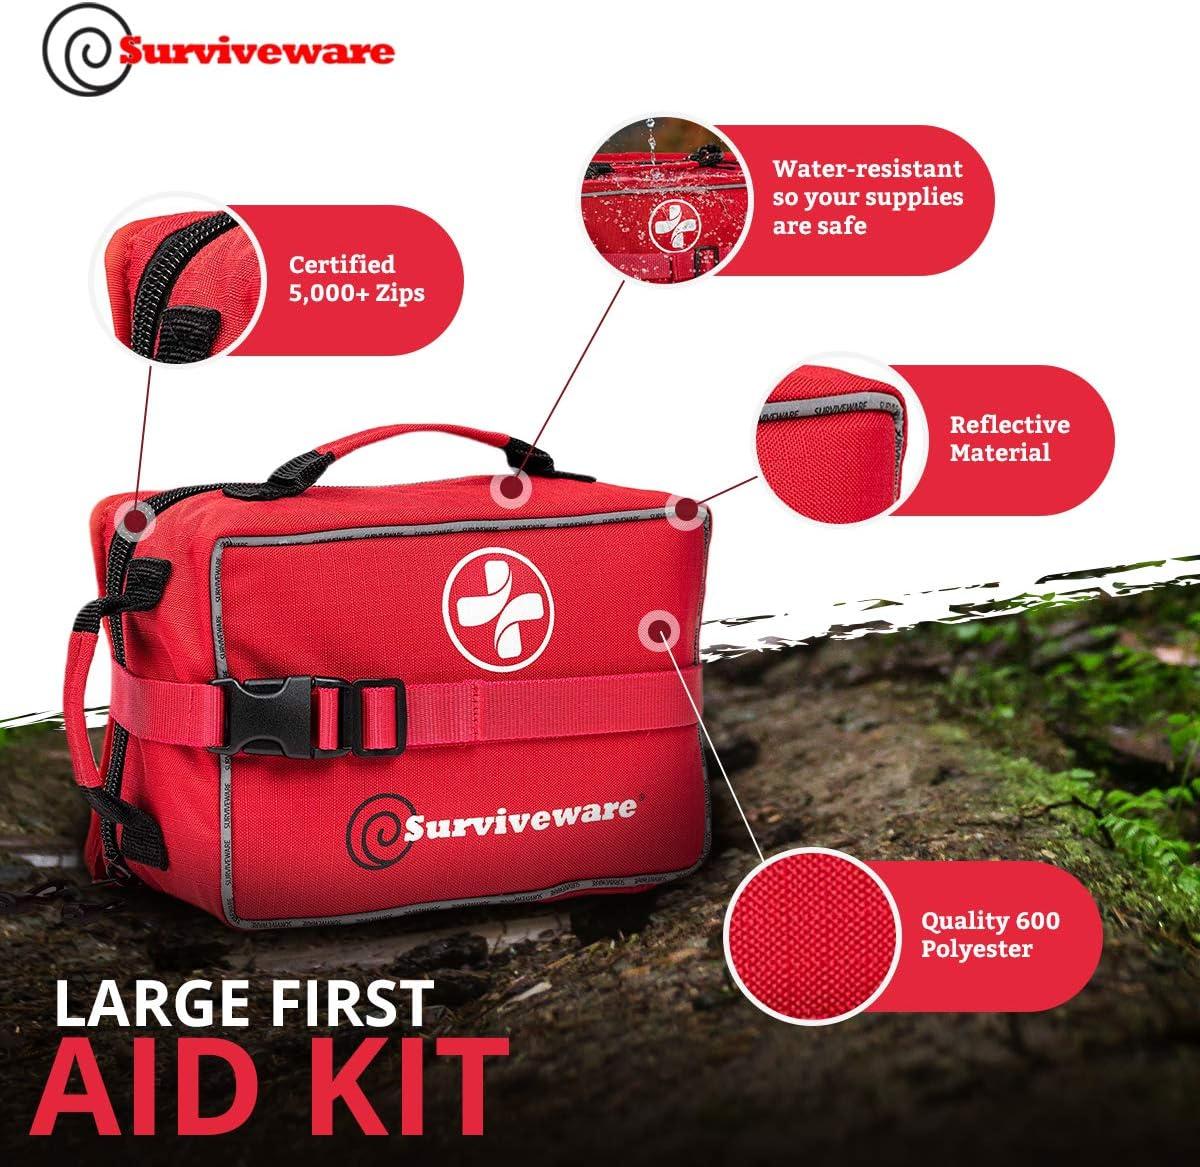 maison l Rouge Surviveware Large First Aid Kit /& ajouté Mini Pour Famille